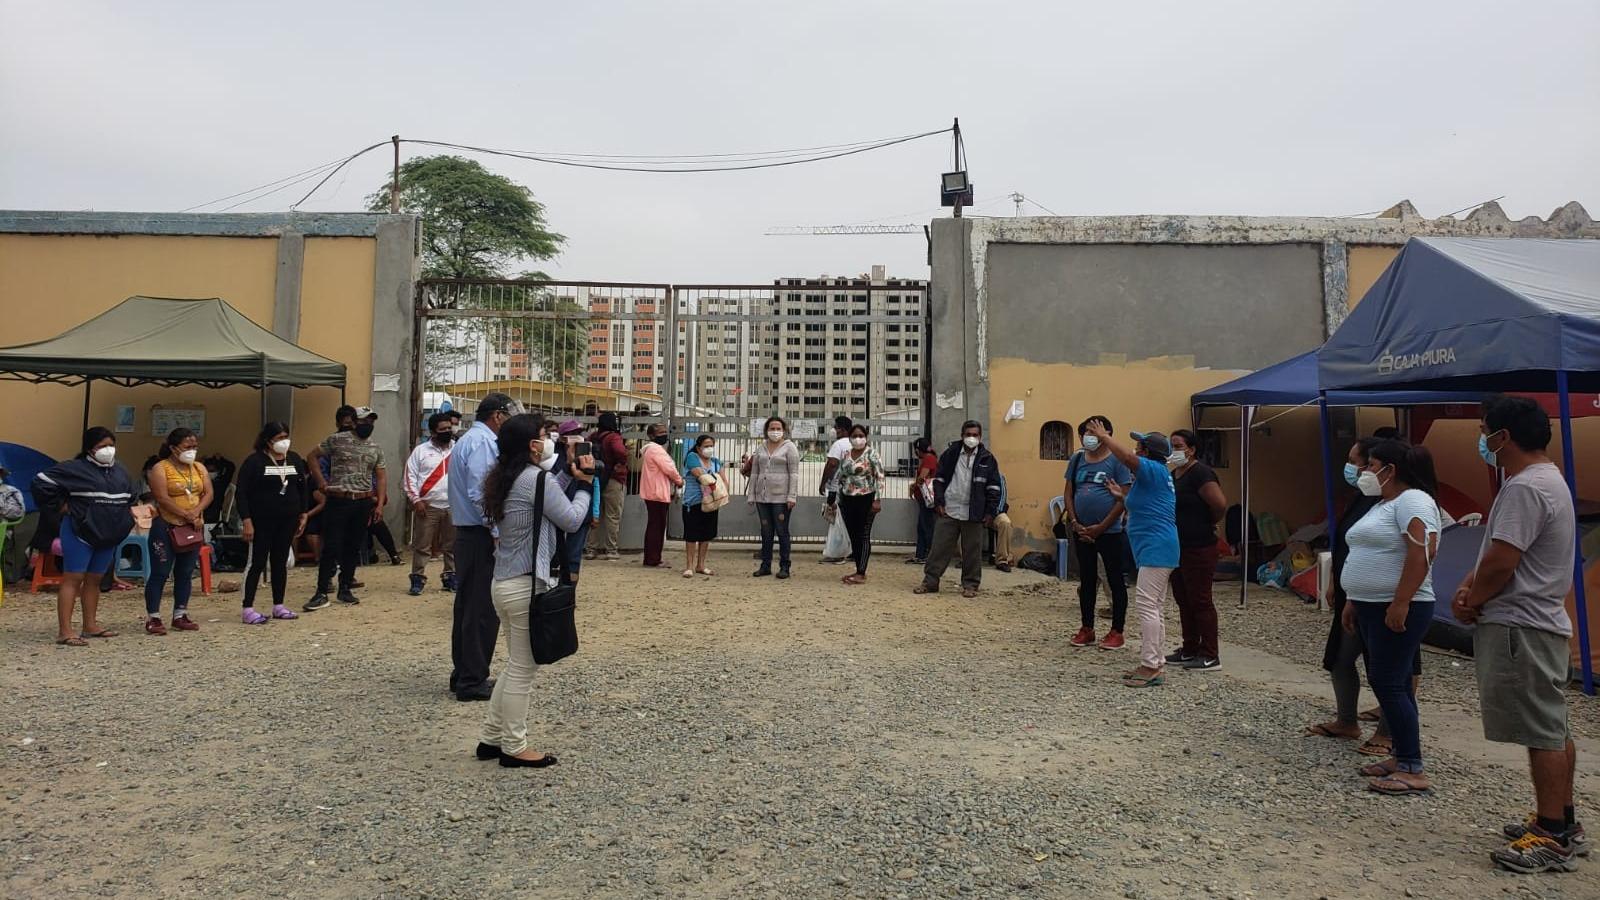 Familiares de pacientes y médicos protestan pidiendo mejores condiciones para atender incremento de casos del nuevo coronavirus.